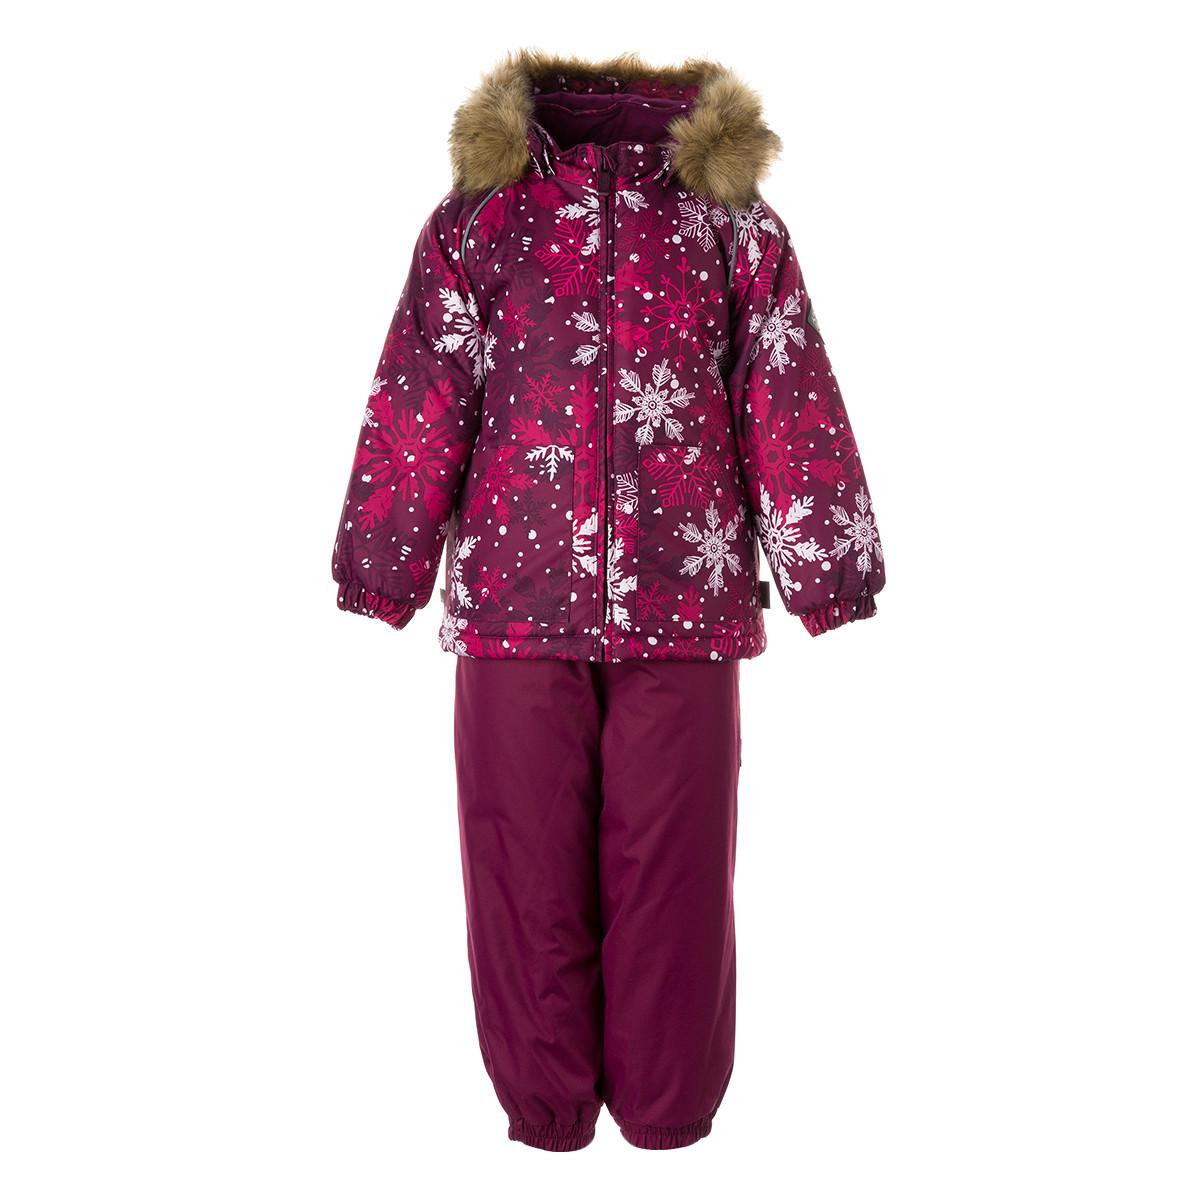 Детский комплект Huppa AVERY, бордовый с принтом